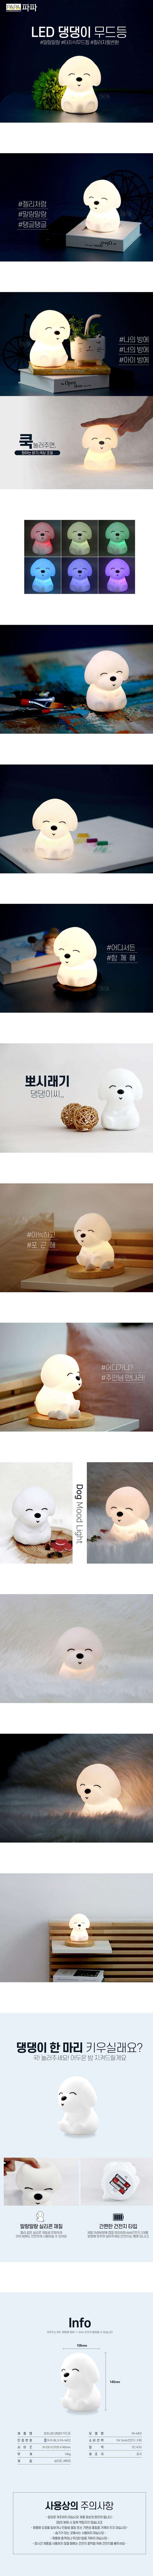 침대간접조명 LED 흰둥이 무드등 댕댕이무드등 - 제이와이플래닛, 18,500원, 디자인조명, 캐릭터조명